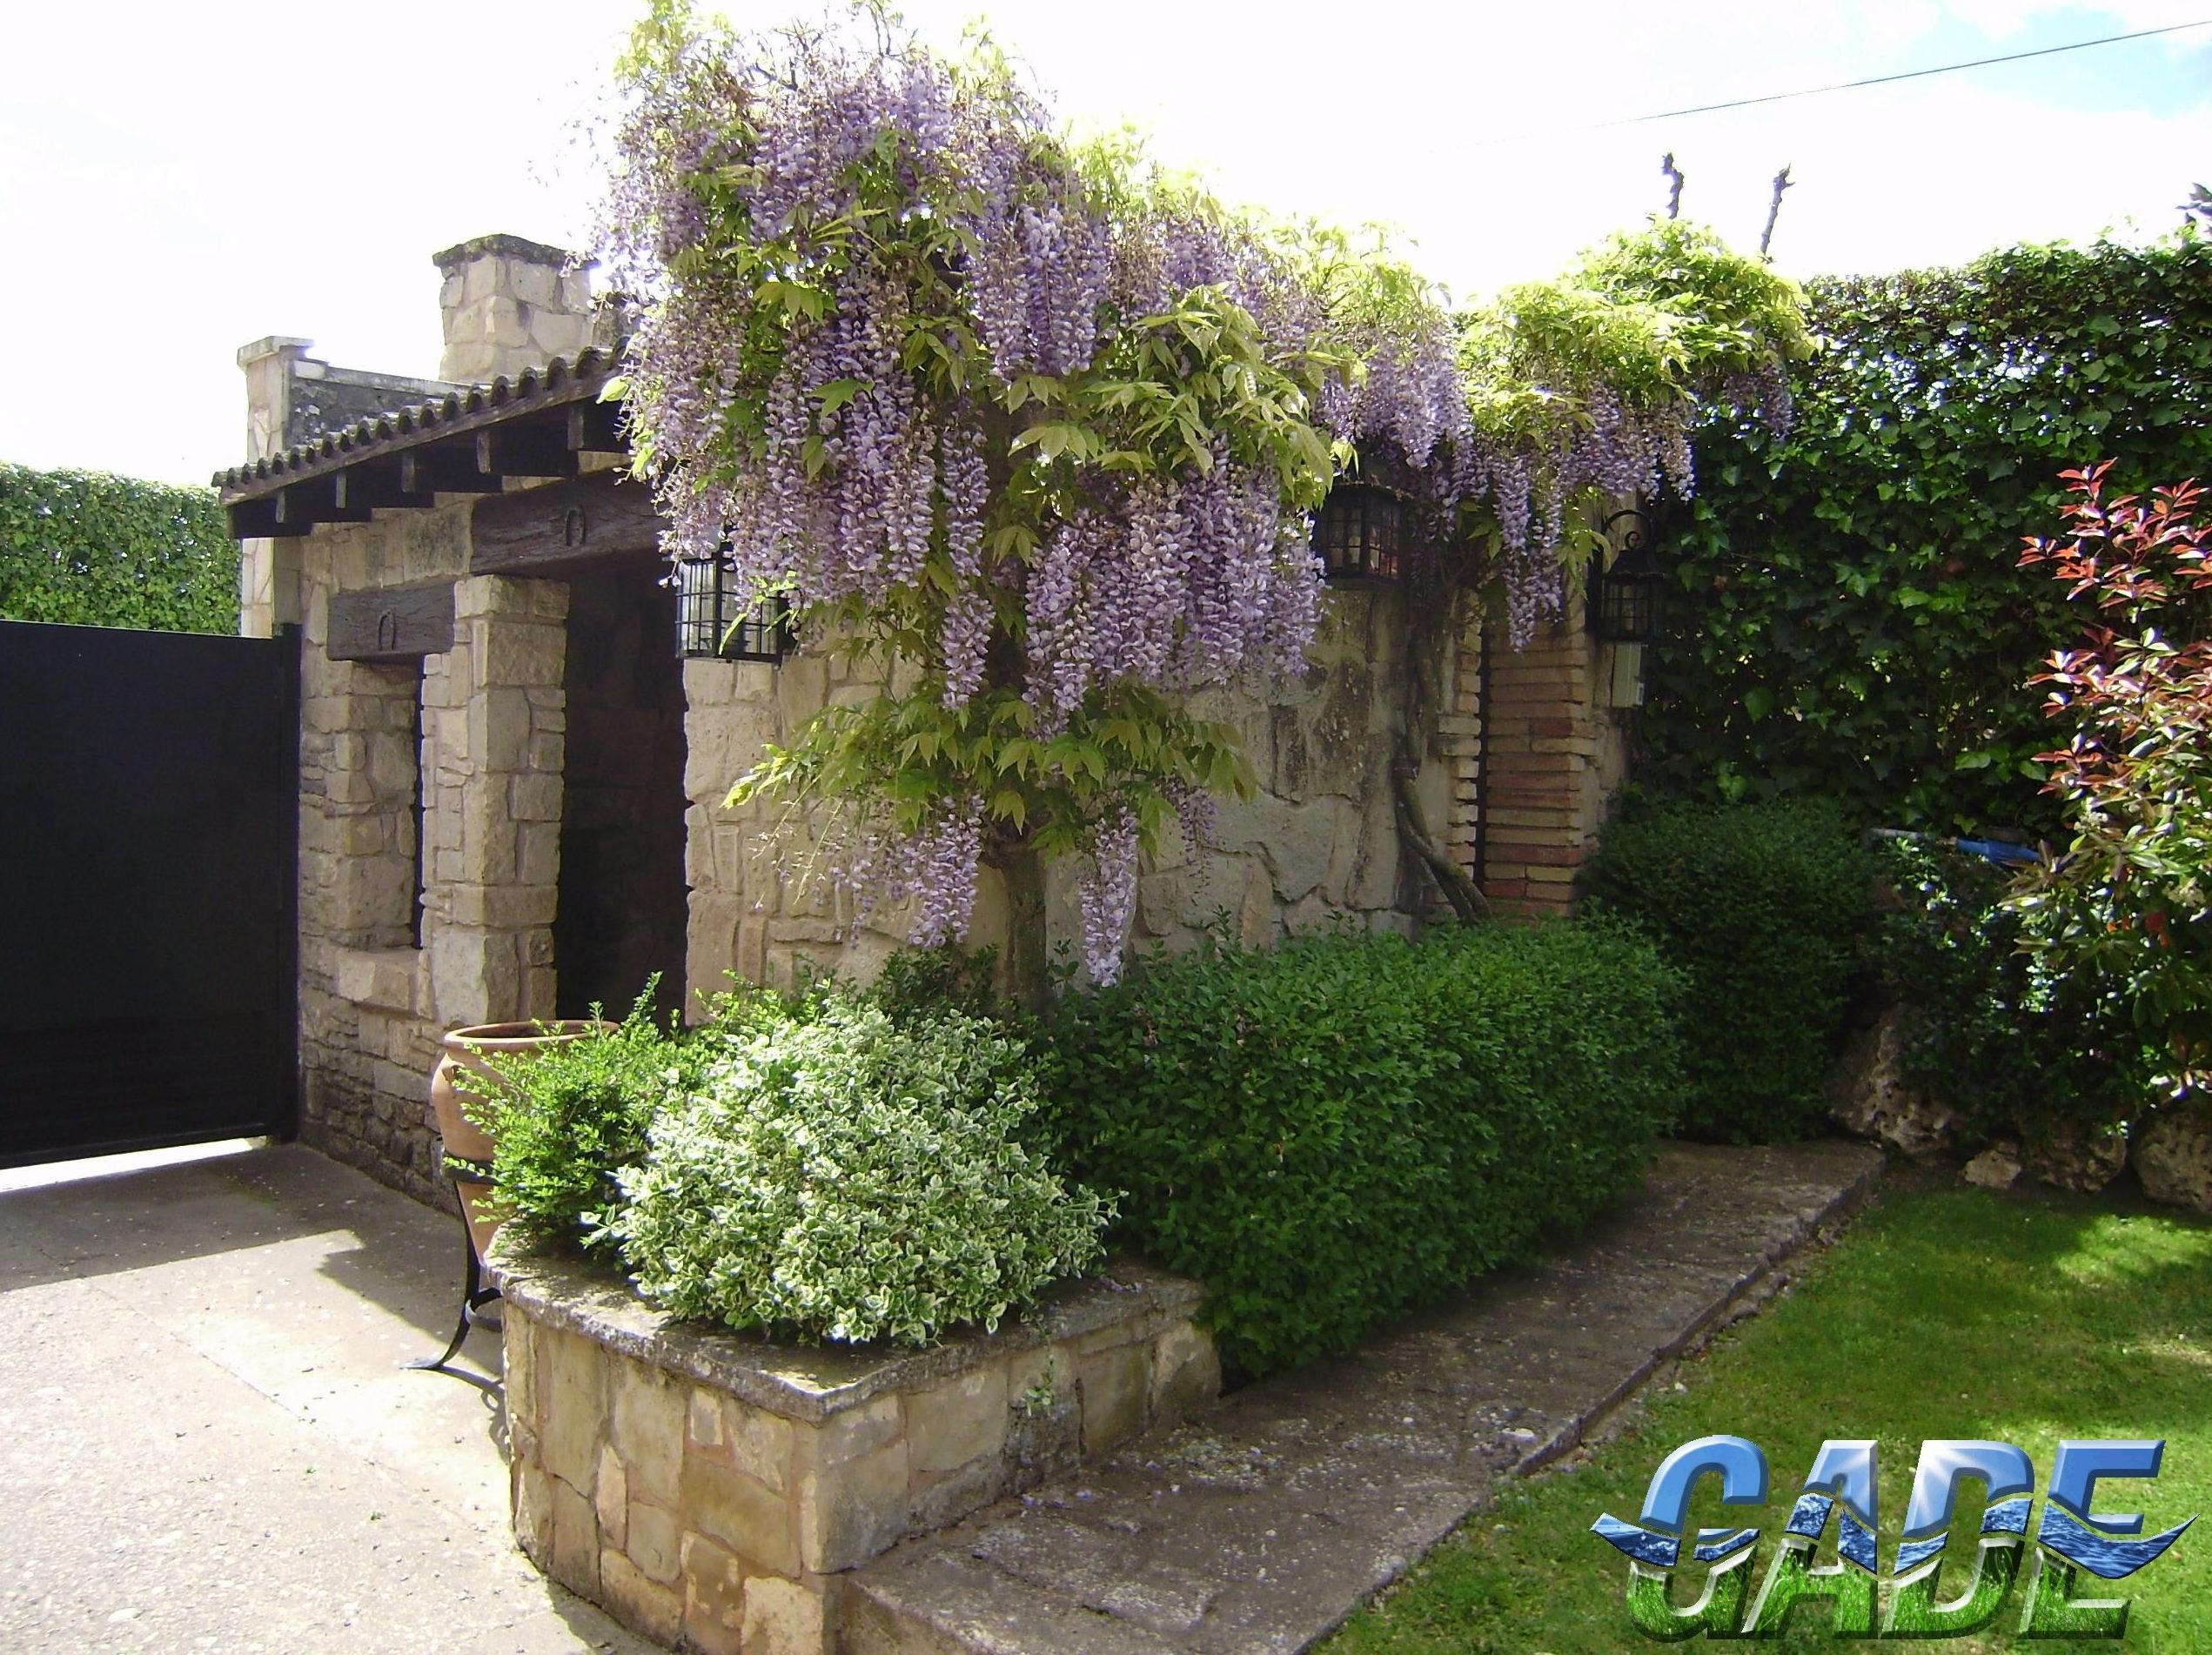 Foto 13 de Instalación de Piscinas en Logroño | Gade Piscinas y Jardines